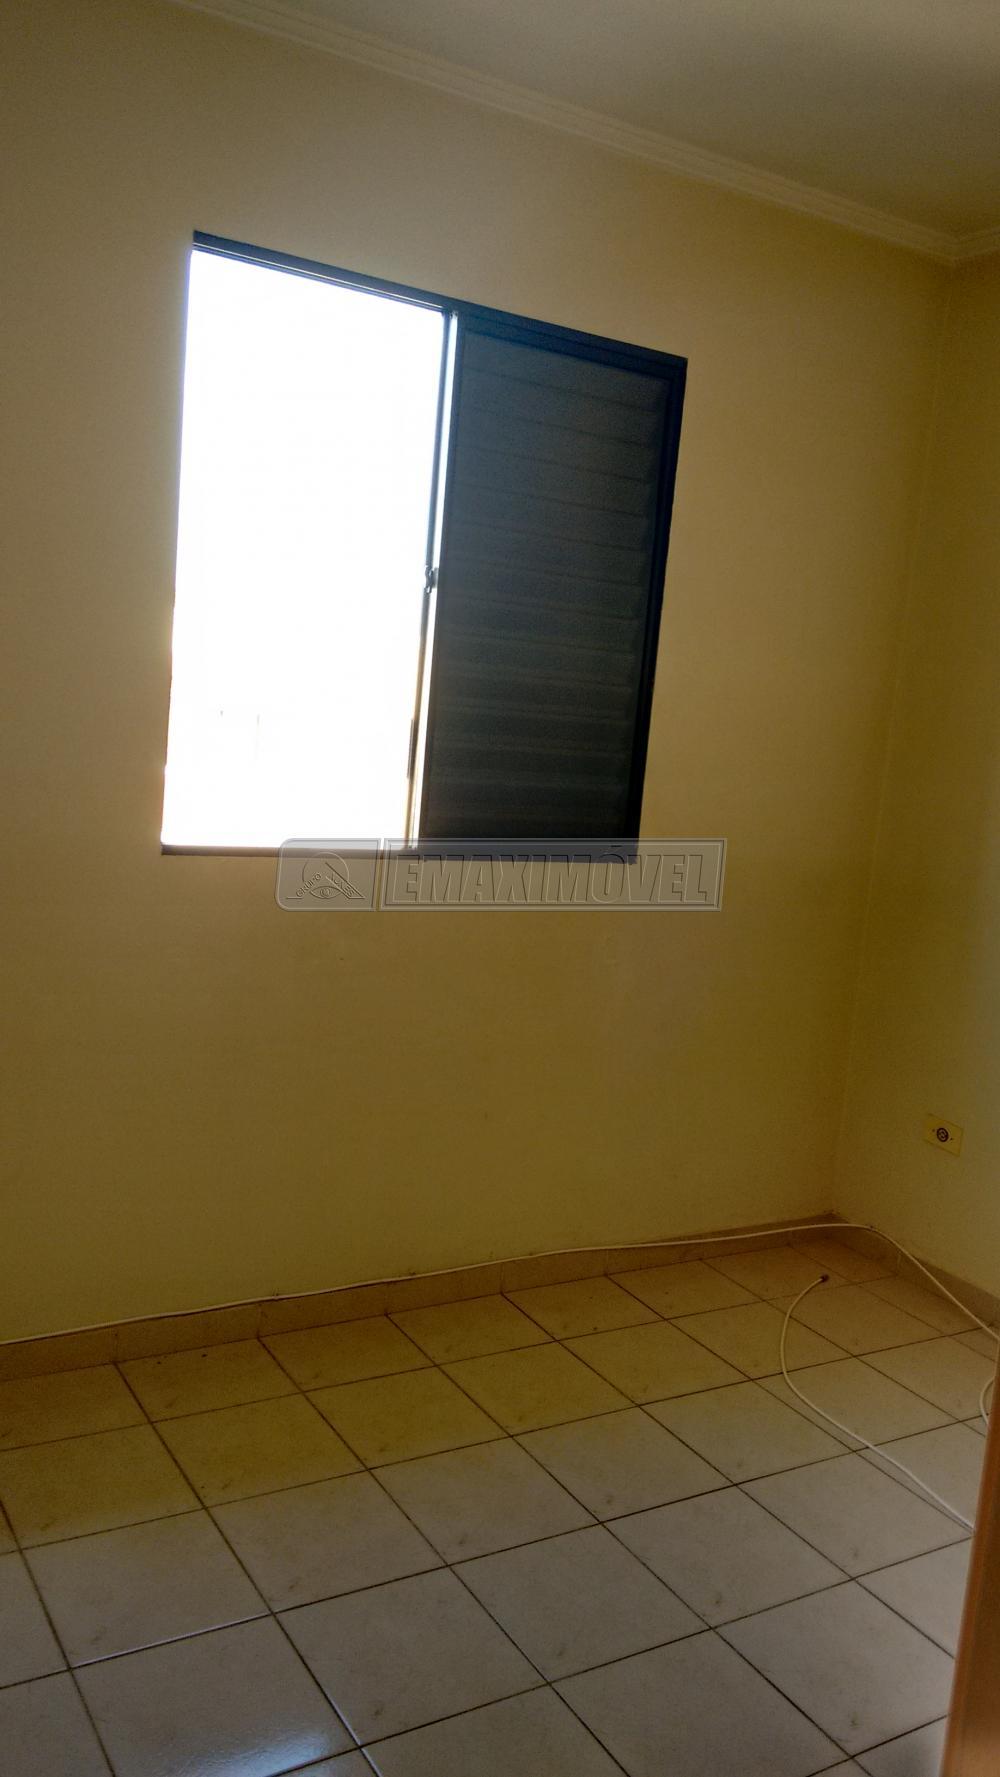 Comprar Apartamentos / Apto Padrão em Sorocaba apenas R$ 190.000,00 - Foto 14